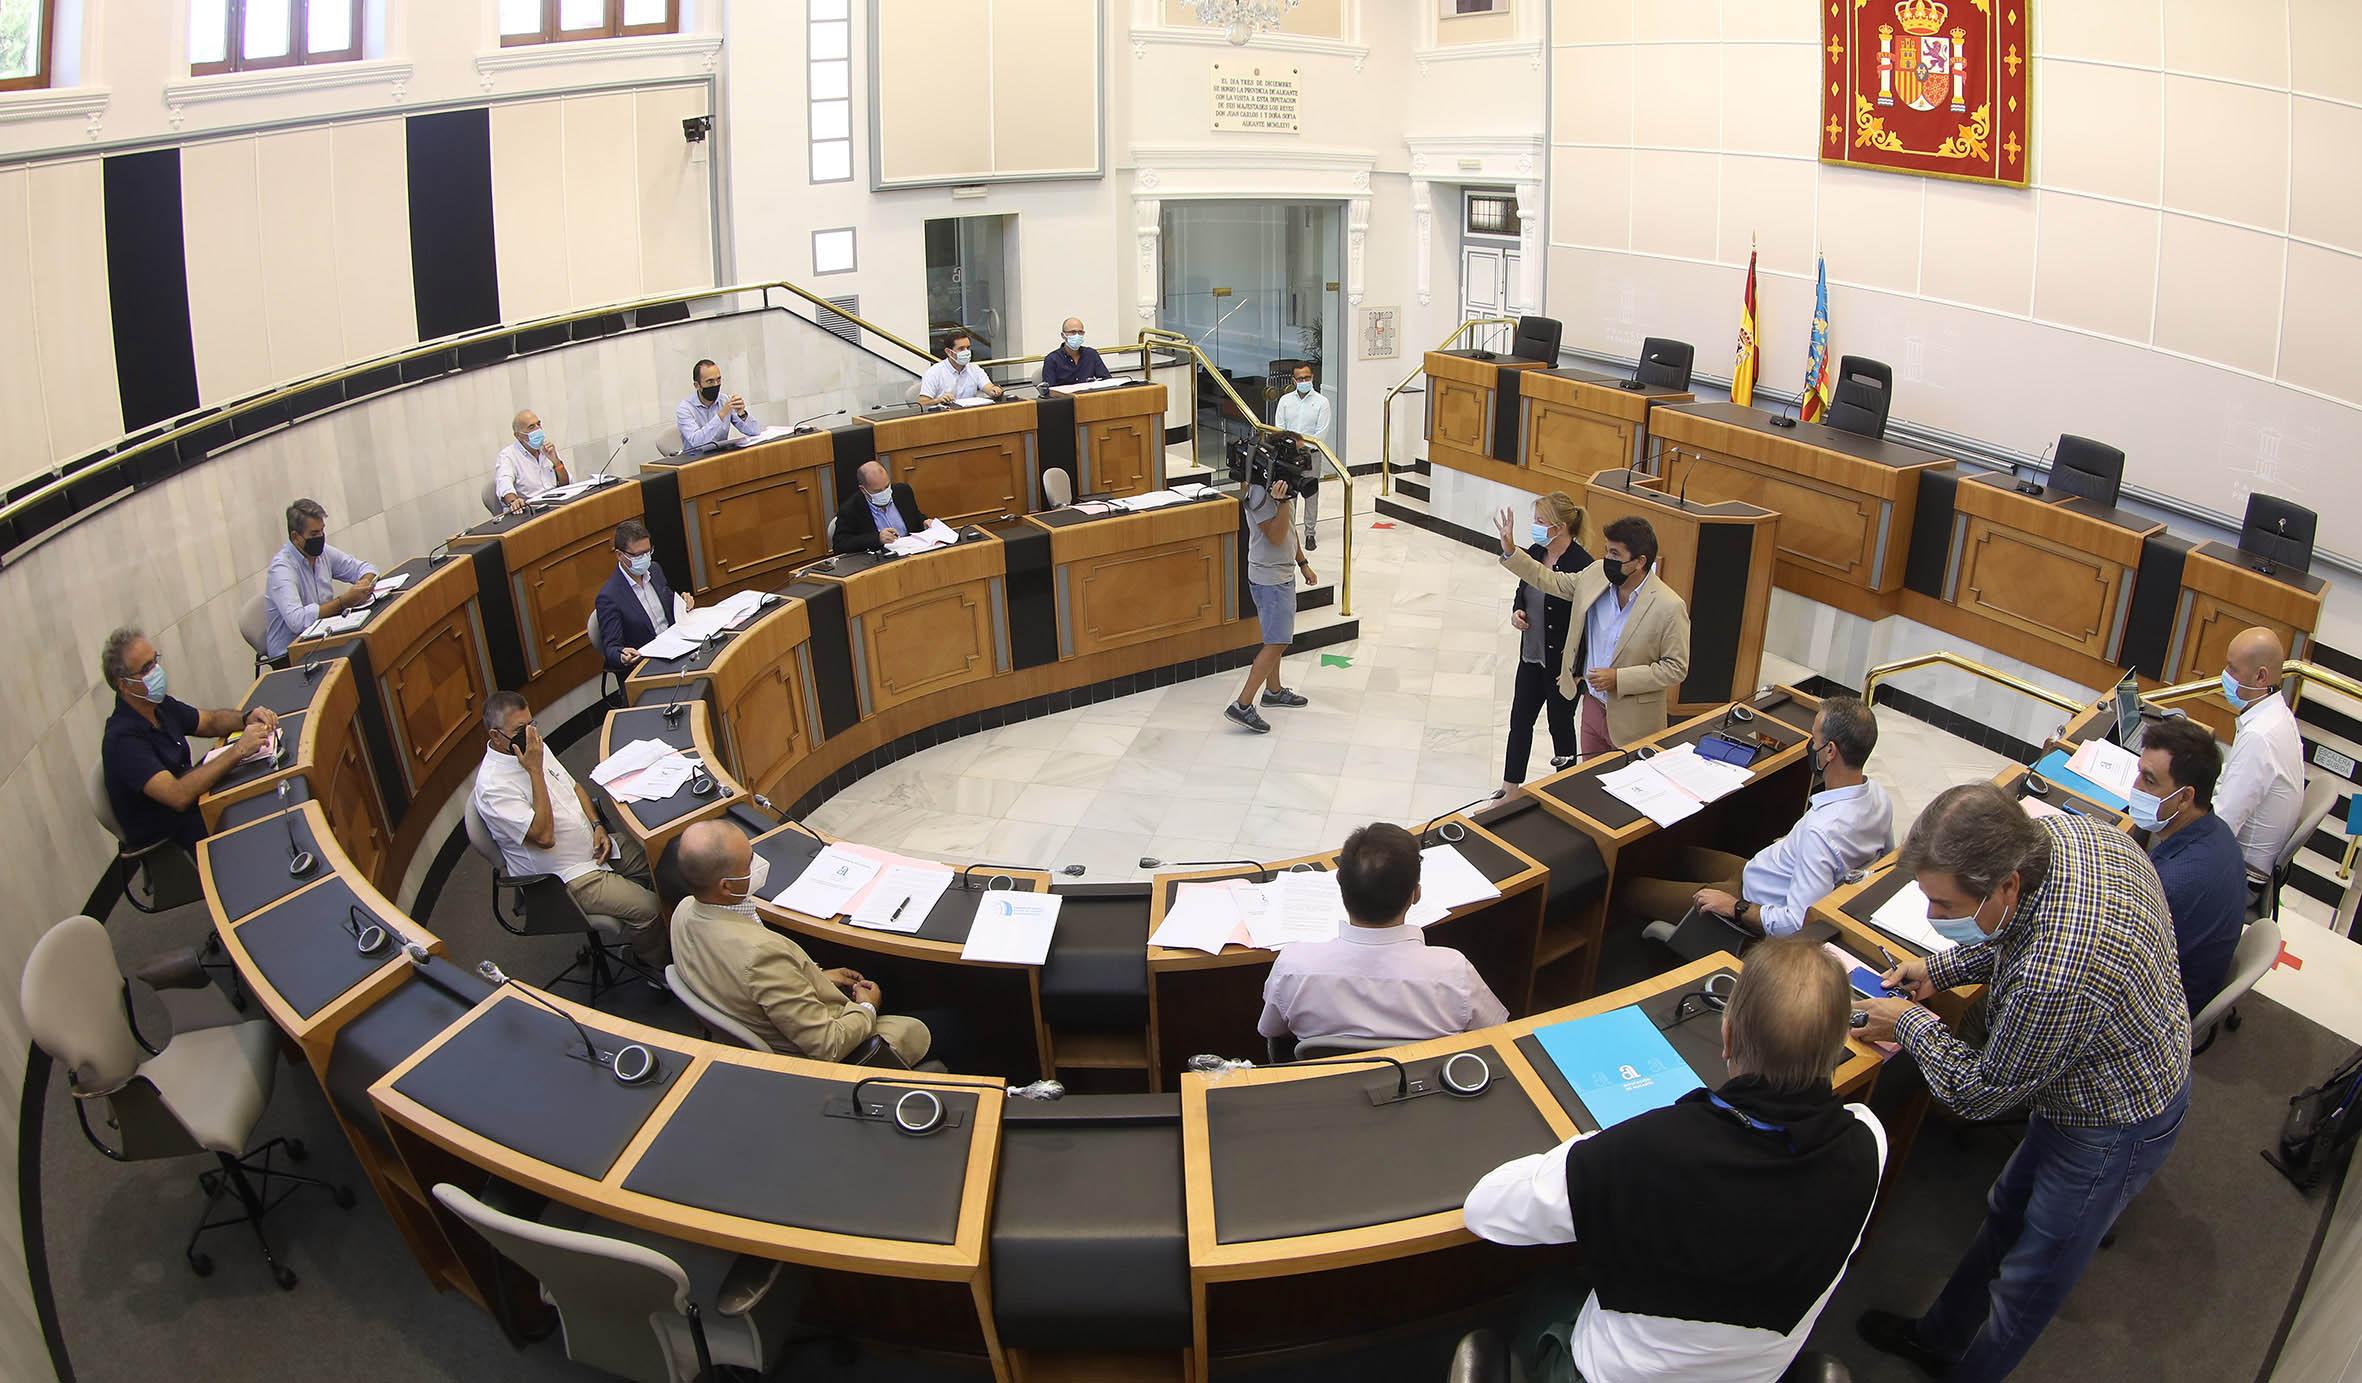 La Diputación de Alicante convoca la mesa técnica de la Comisión del Agua tras la decisión del Gobierno de recortar el trasvase Tajo-Segura